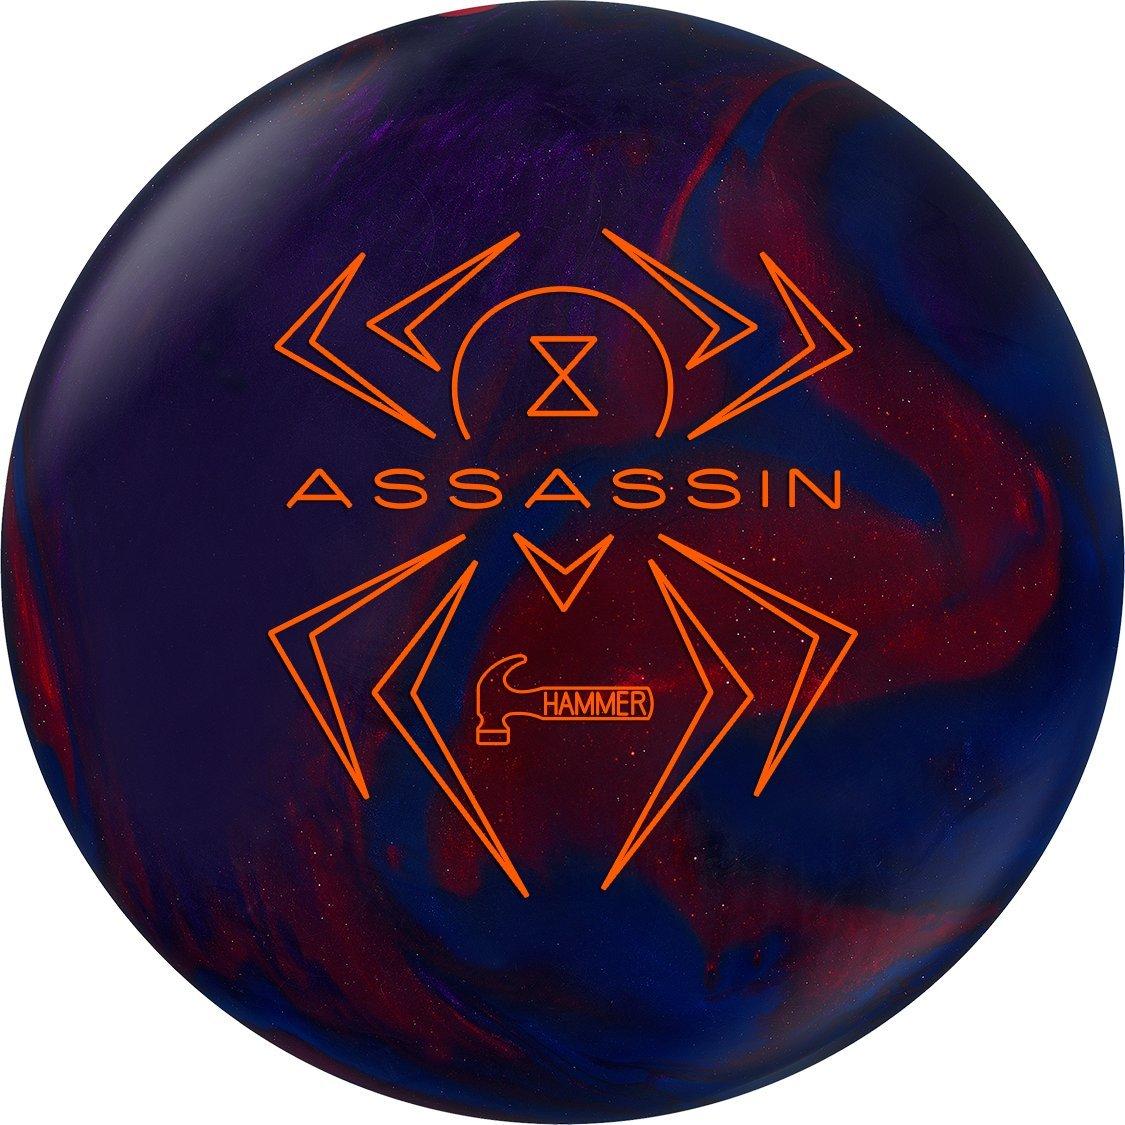 ハンマーブラックWidow Assassinボーリングボール B00I76XH6S B00I76XH6S 15-Pound 15-Pound, ナビ キャンセラー販売:2b0a7f35 --- sharoshka.org